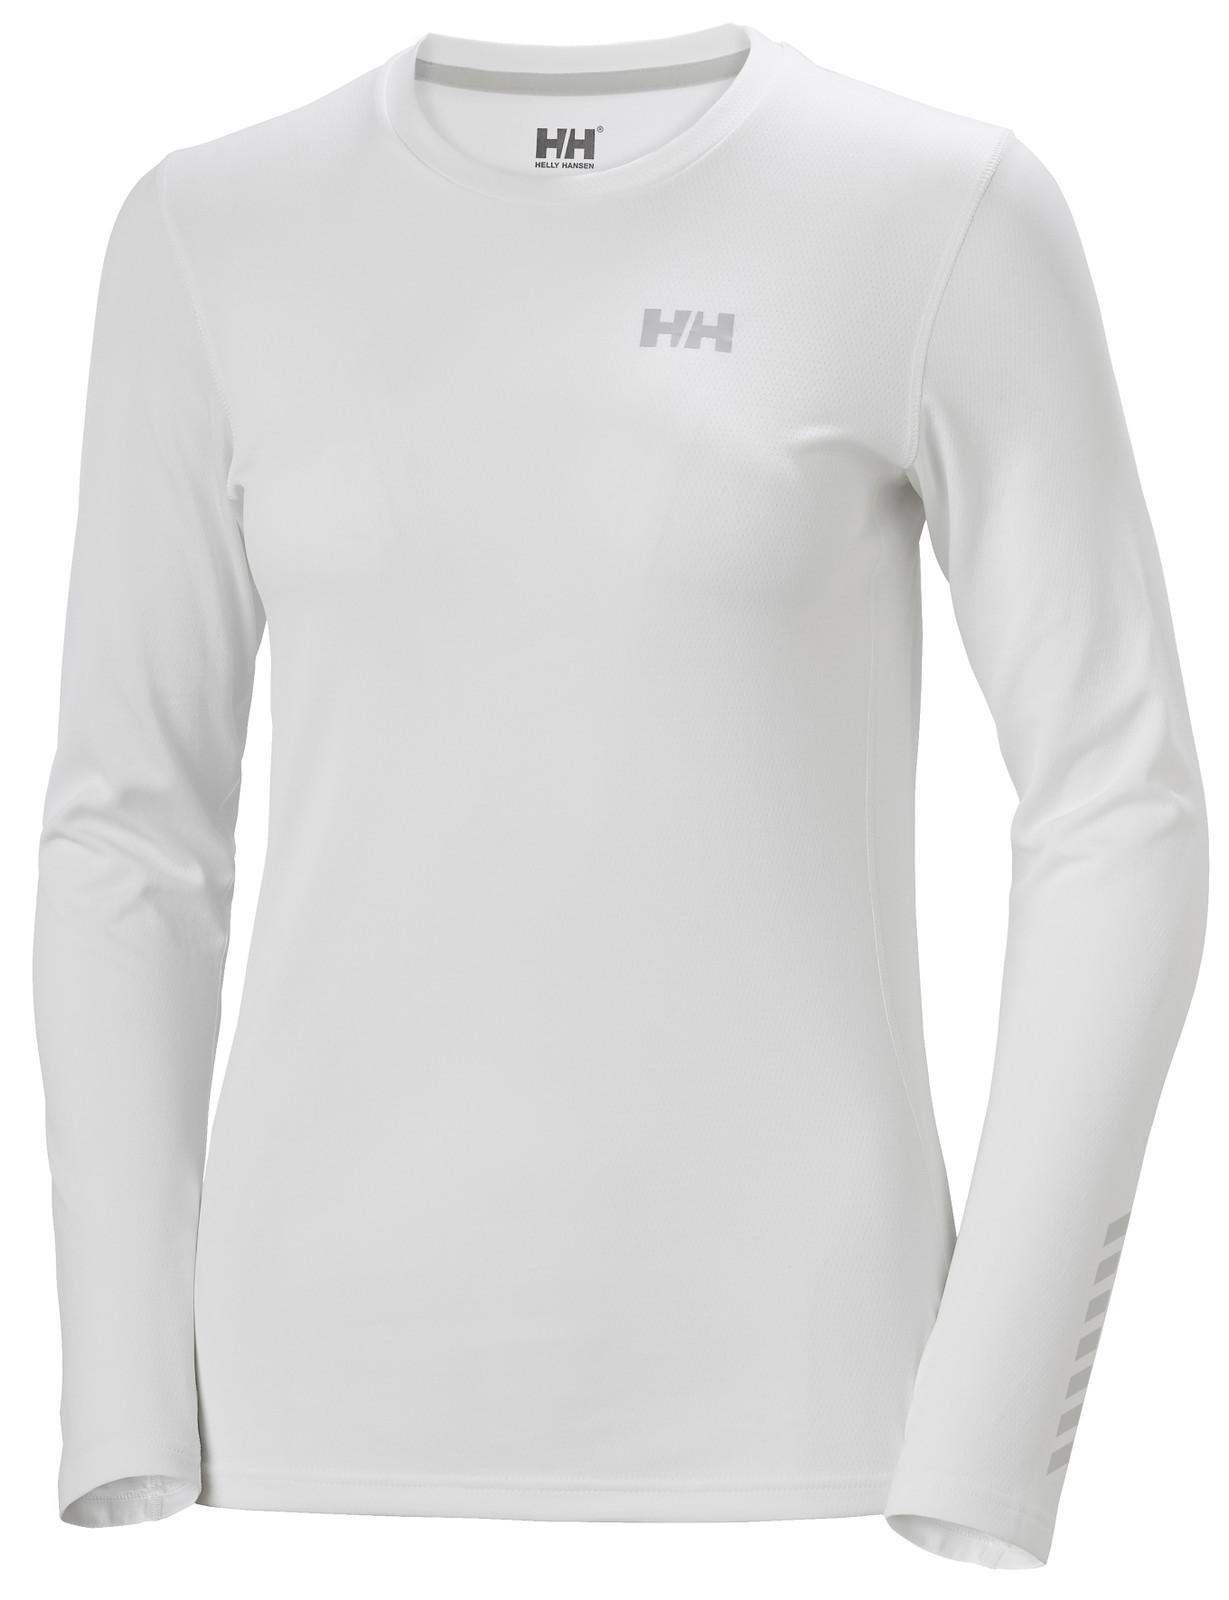 Helly Hansen Lifa Active Solen LS T-Shirt, Women's - White, 49352-001